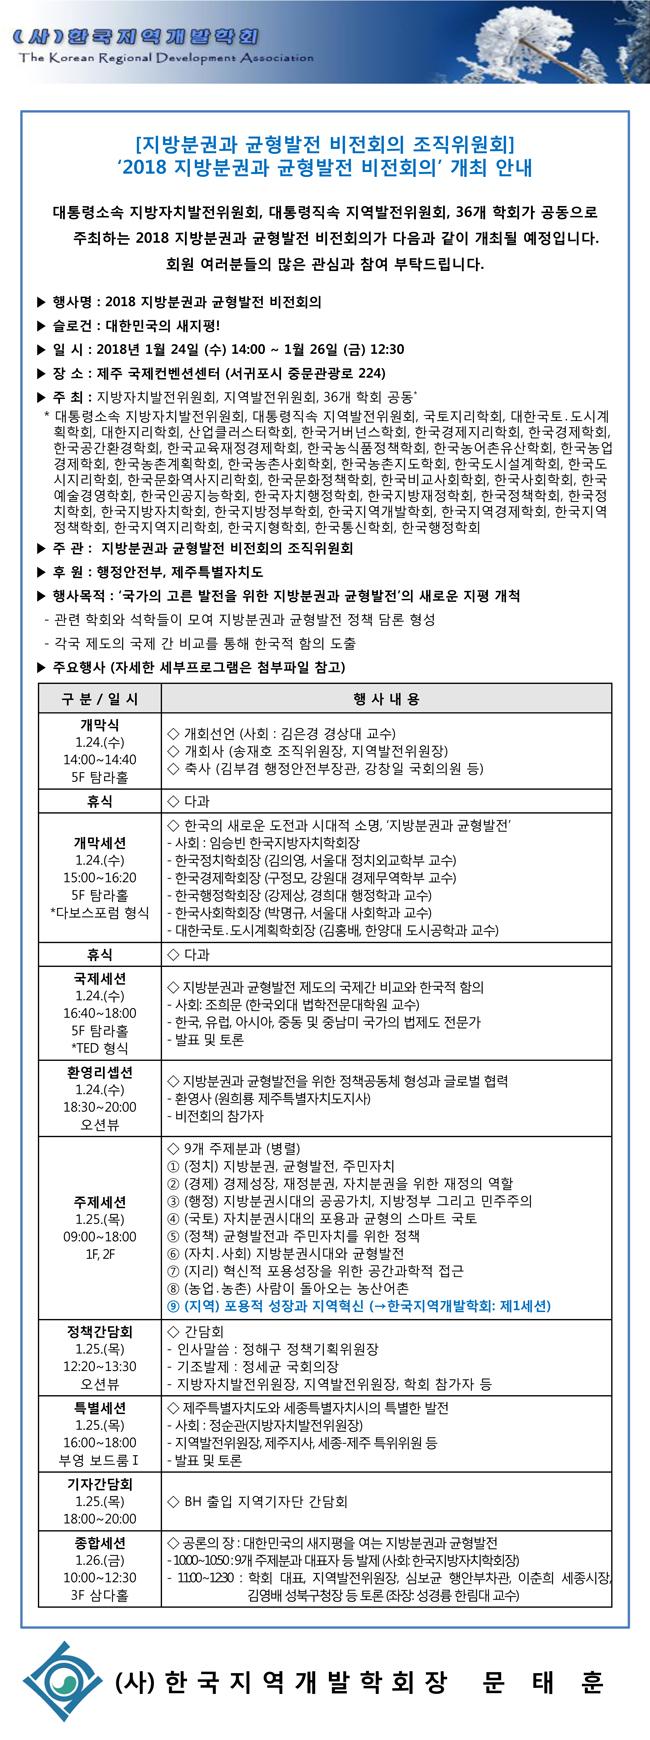 2018-지방분권과-균형발전-비전회의-안내.jpg